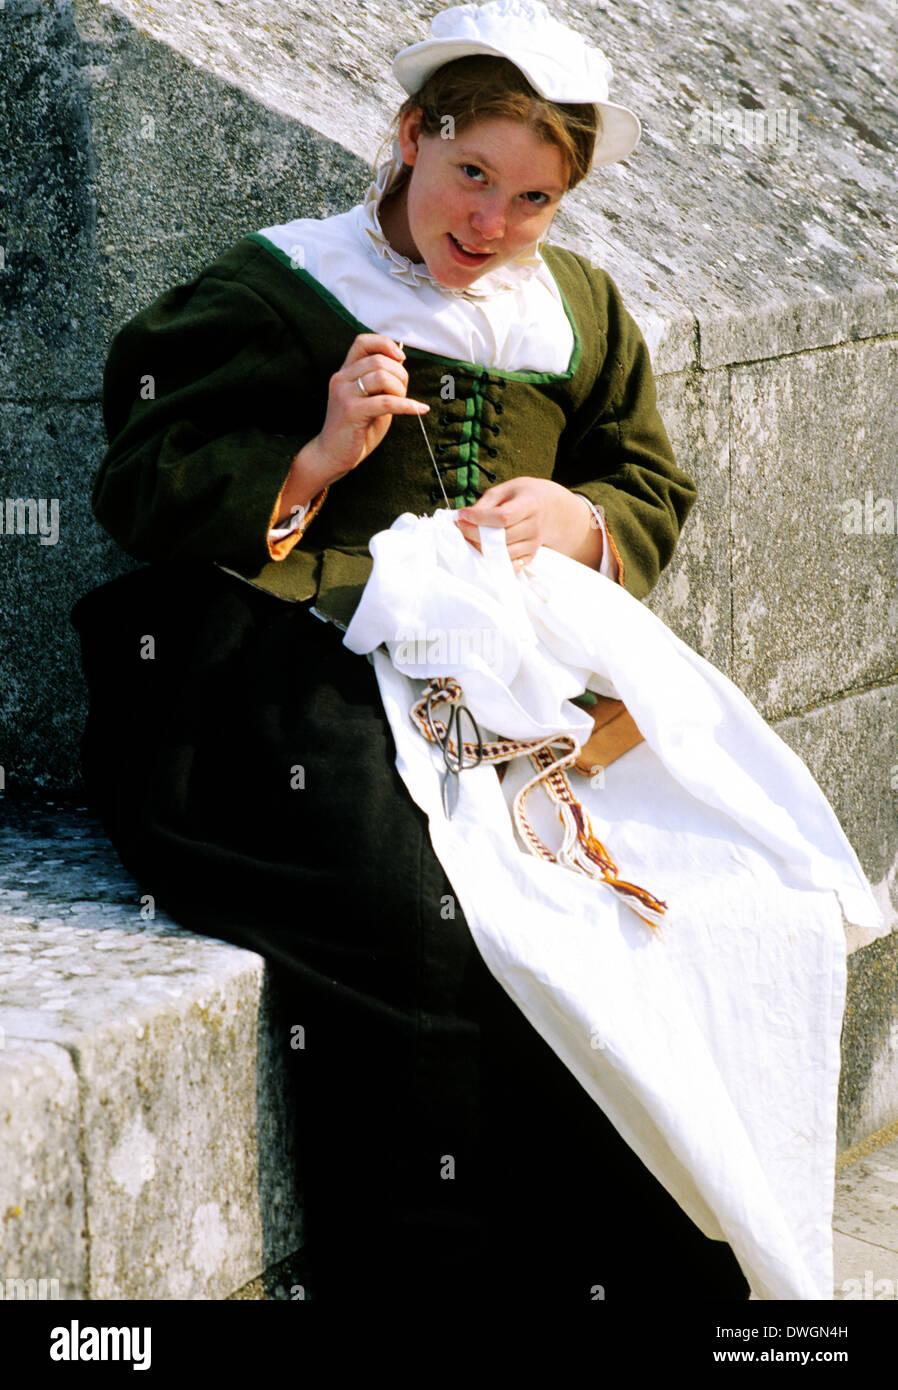 Inglese Tudor Periodo, giovane donna cucitura, XVI secolo, rievocazione storica, abito moda mode England Regno Unito Immagini Stock